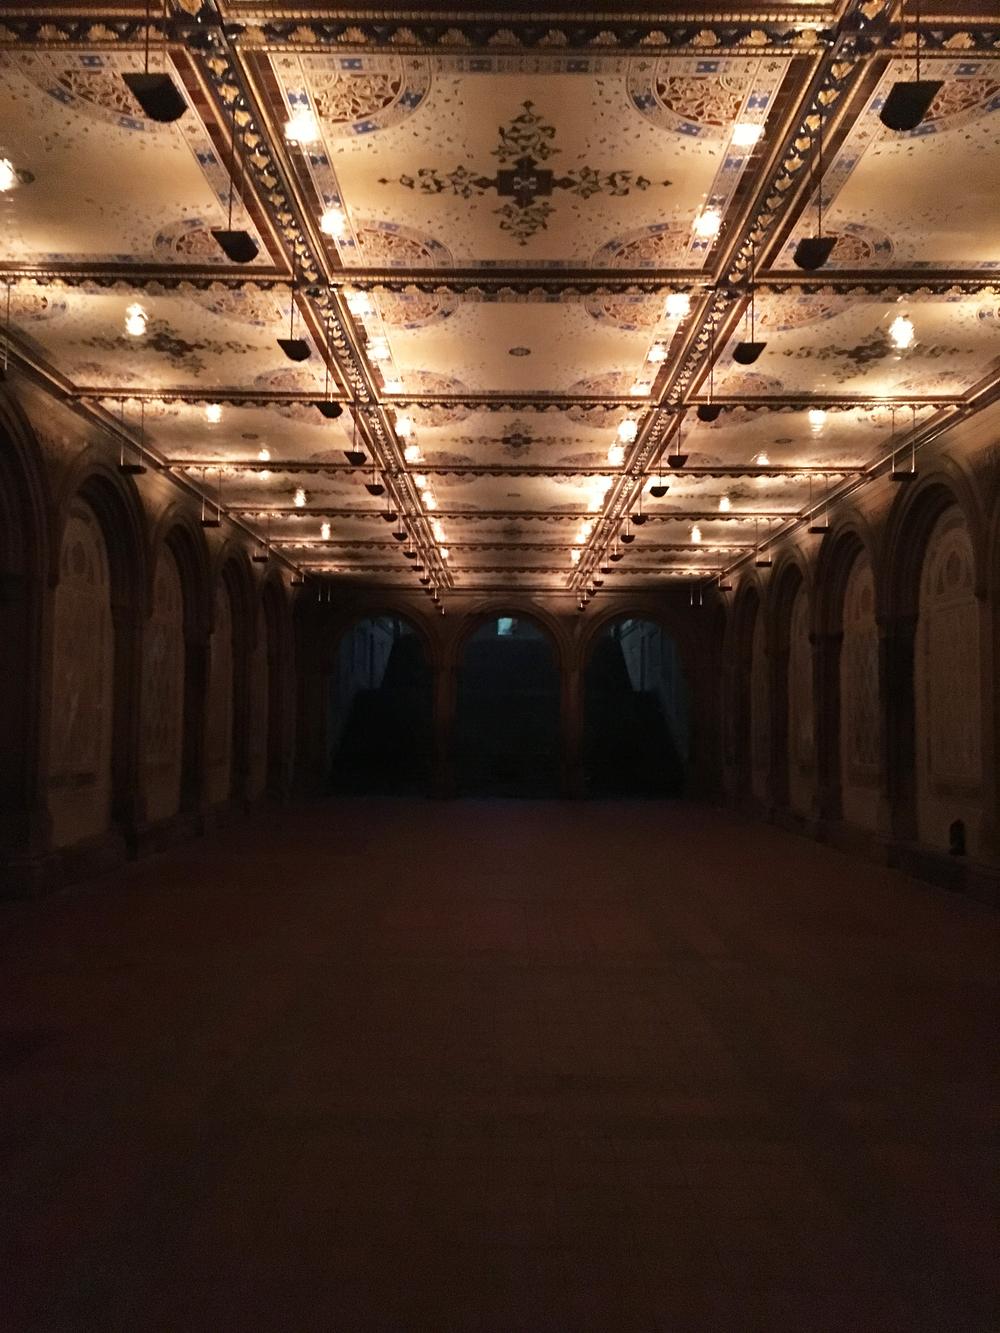 The Bethesda Terrace Arcade